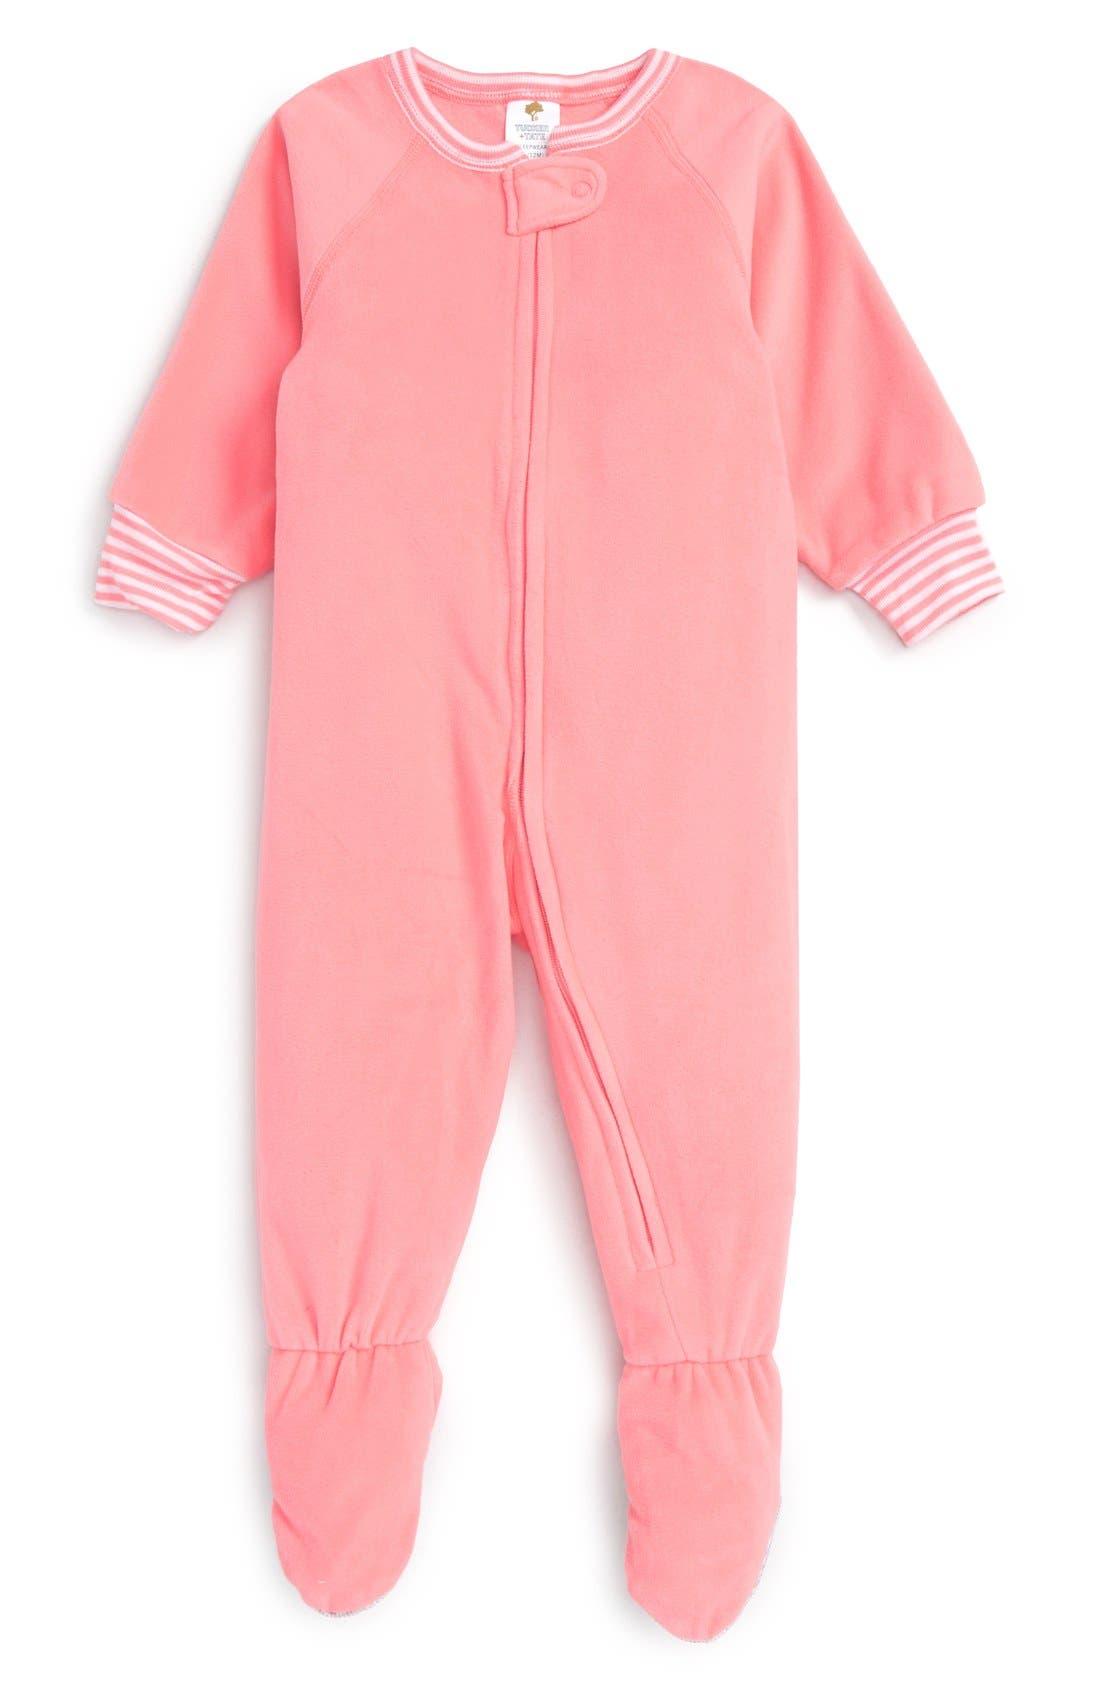 Main Image - Tucker + Tate One-Piece Pajamas (Baby Girls)